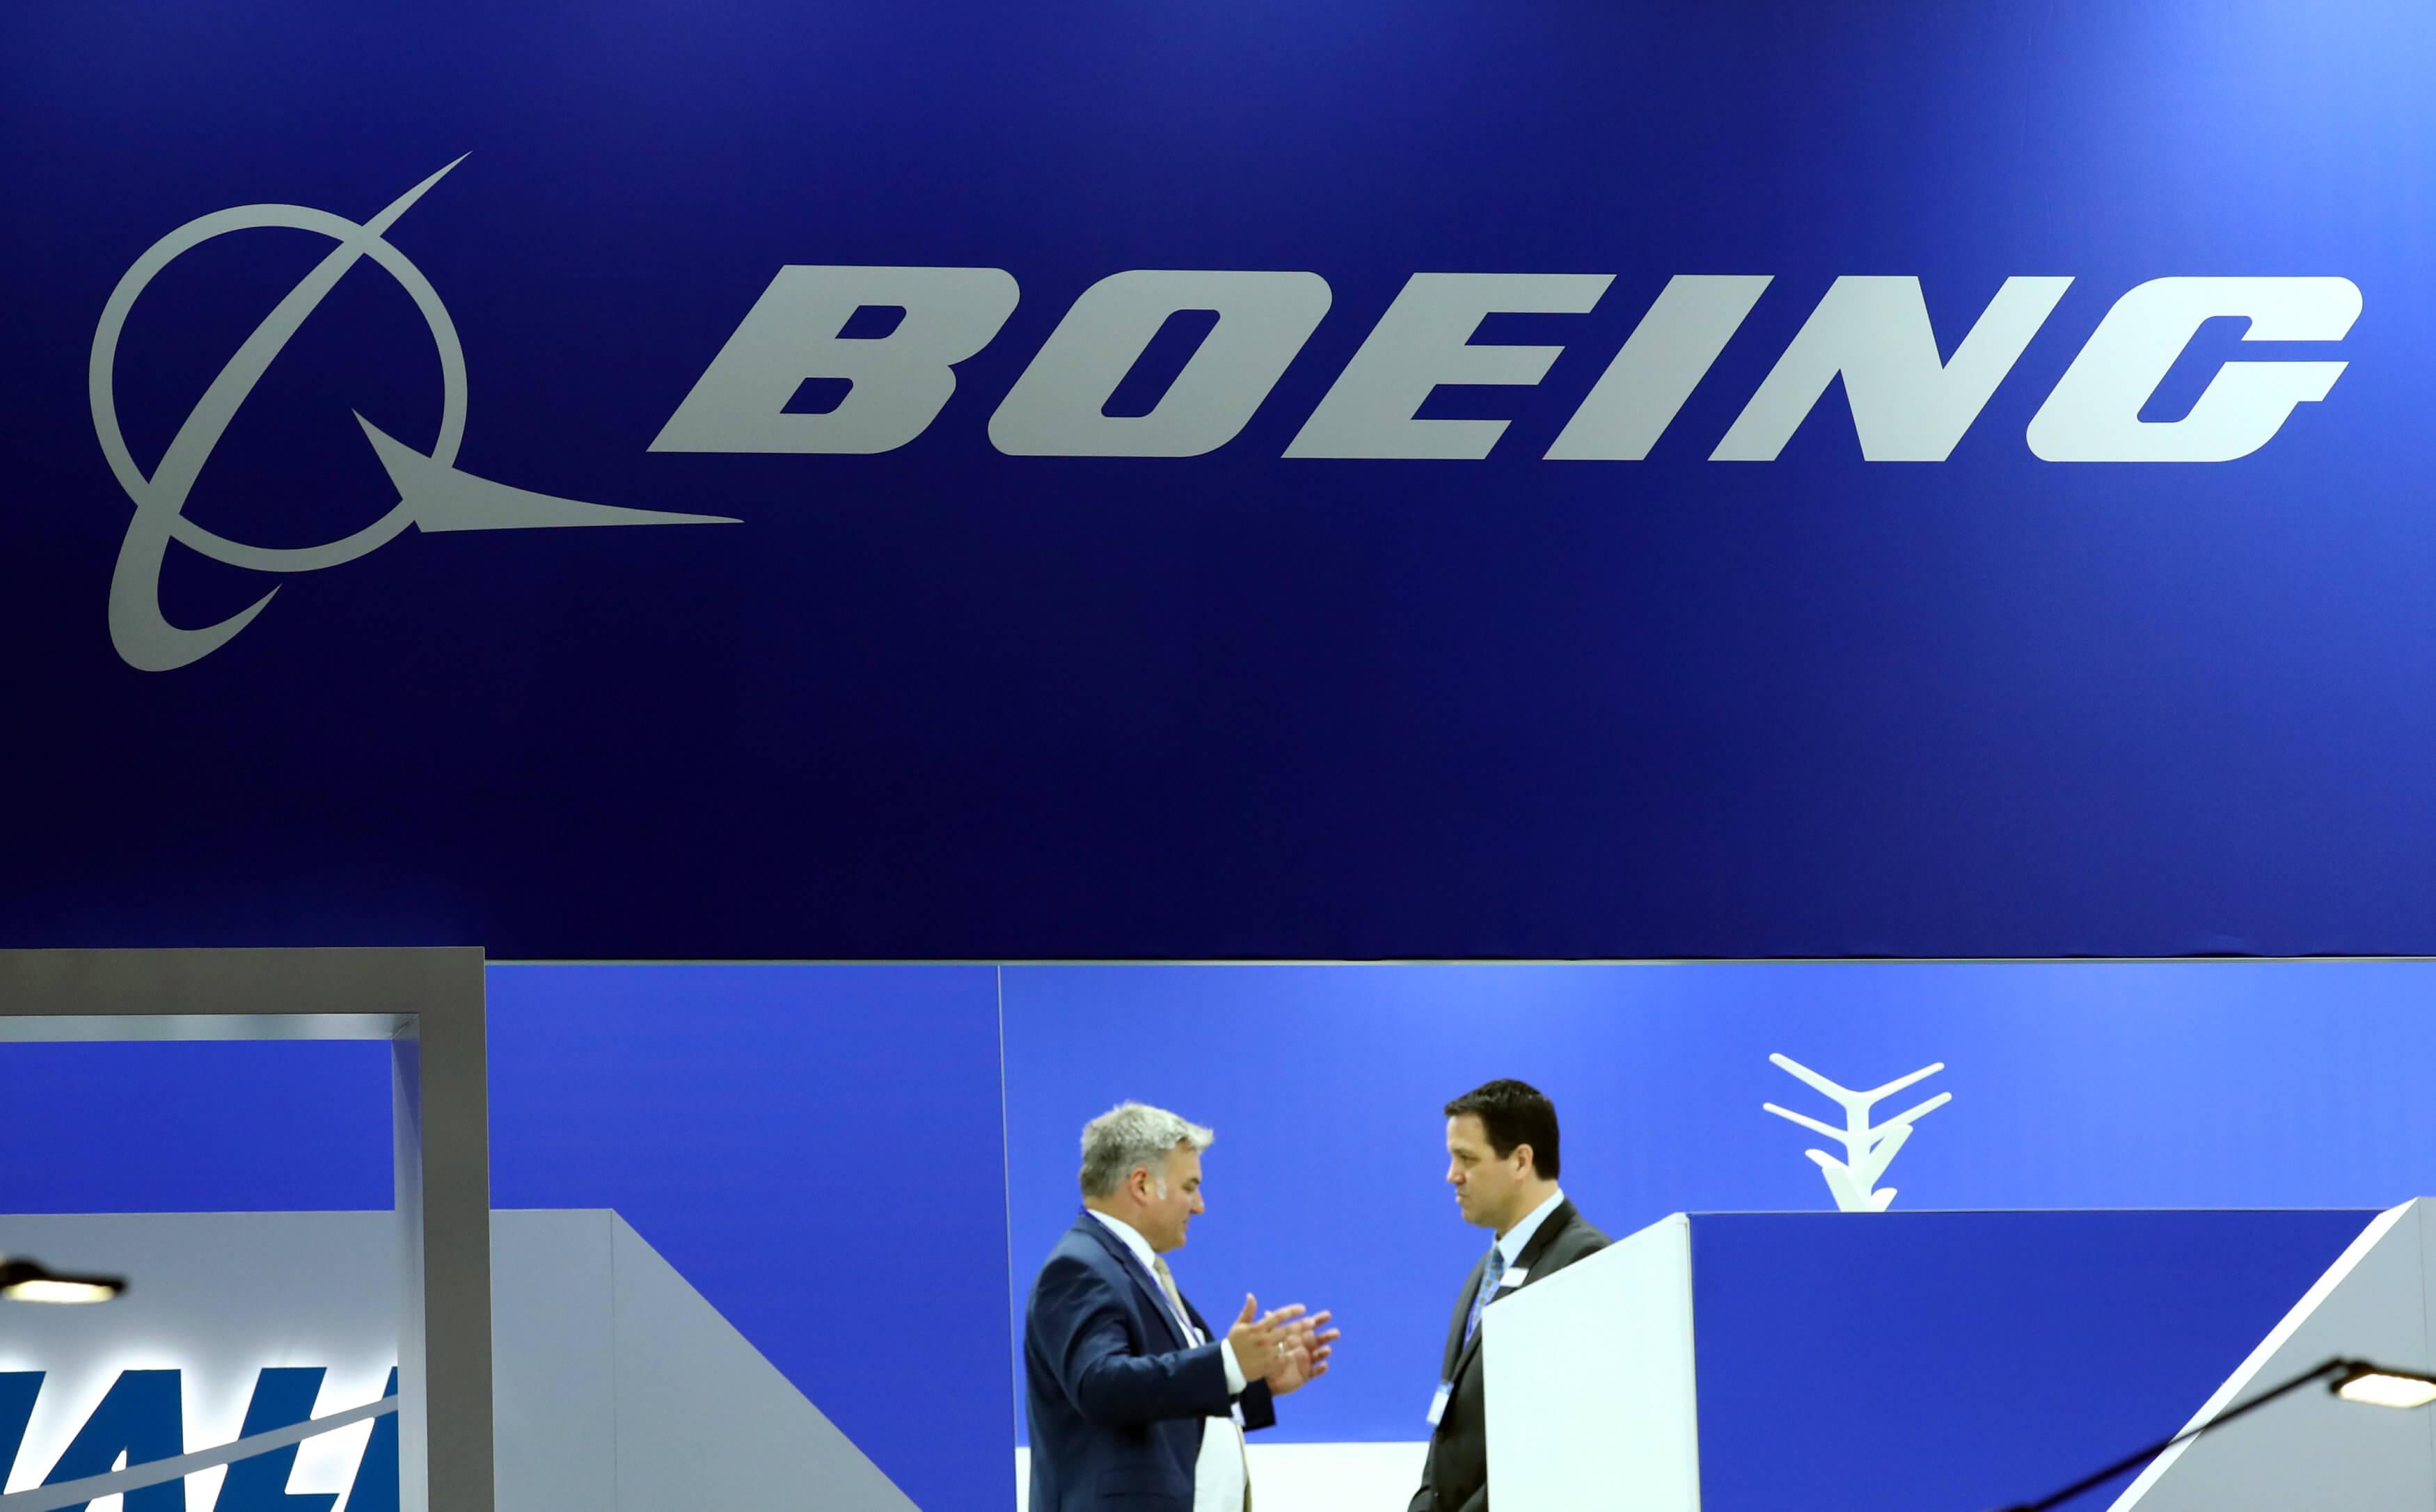 Αποζημιώσεις από την Boeing ζητούν οι τρεις μεγαλύτερες αεροπορικές εταιρίες στην Κίνα για την καθήλωση των αεροσκαφών